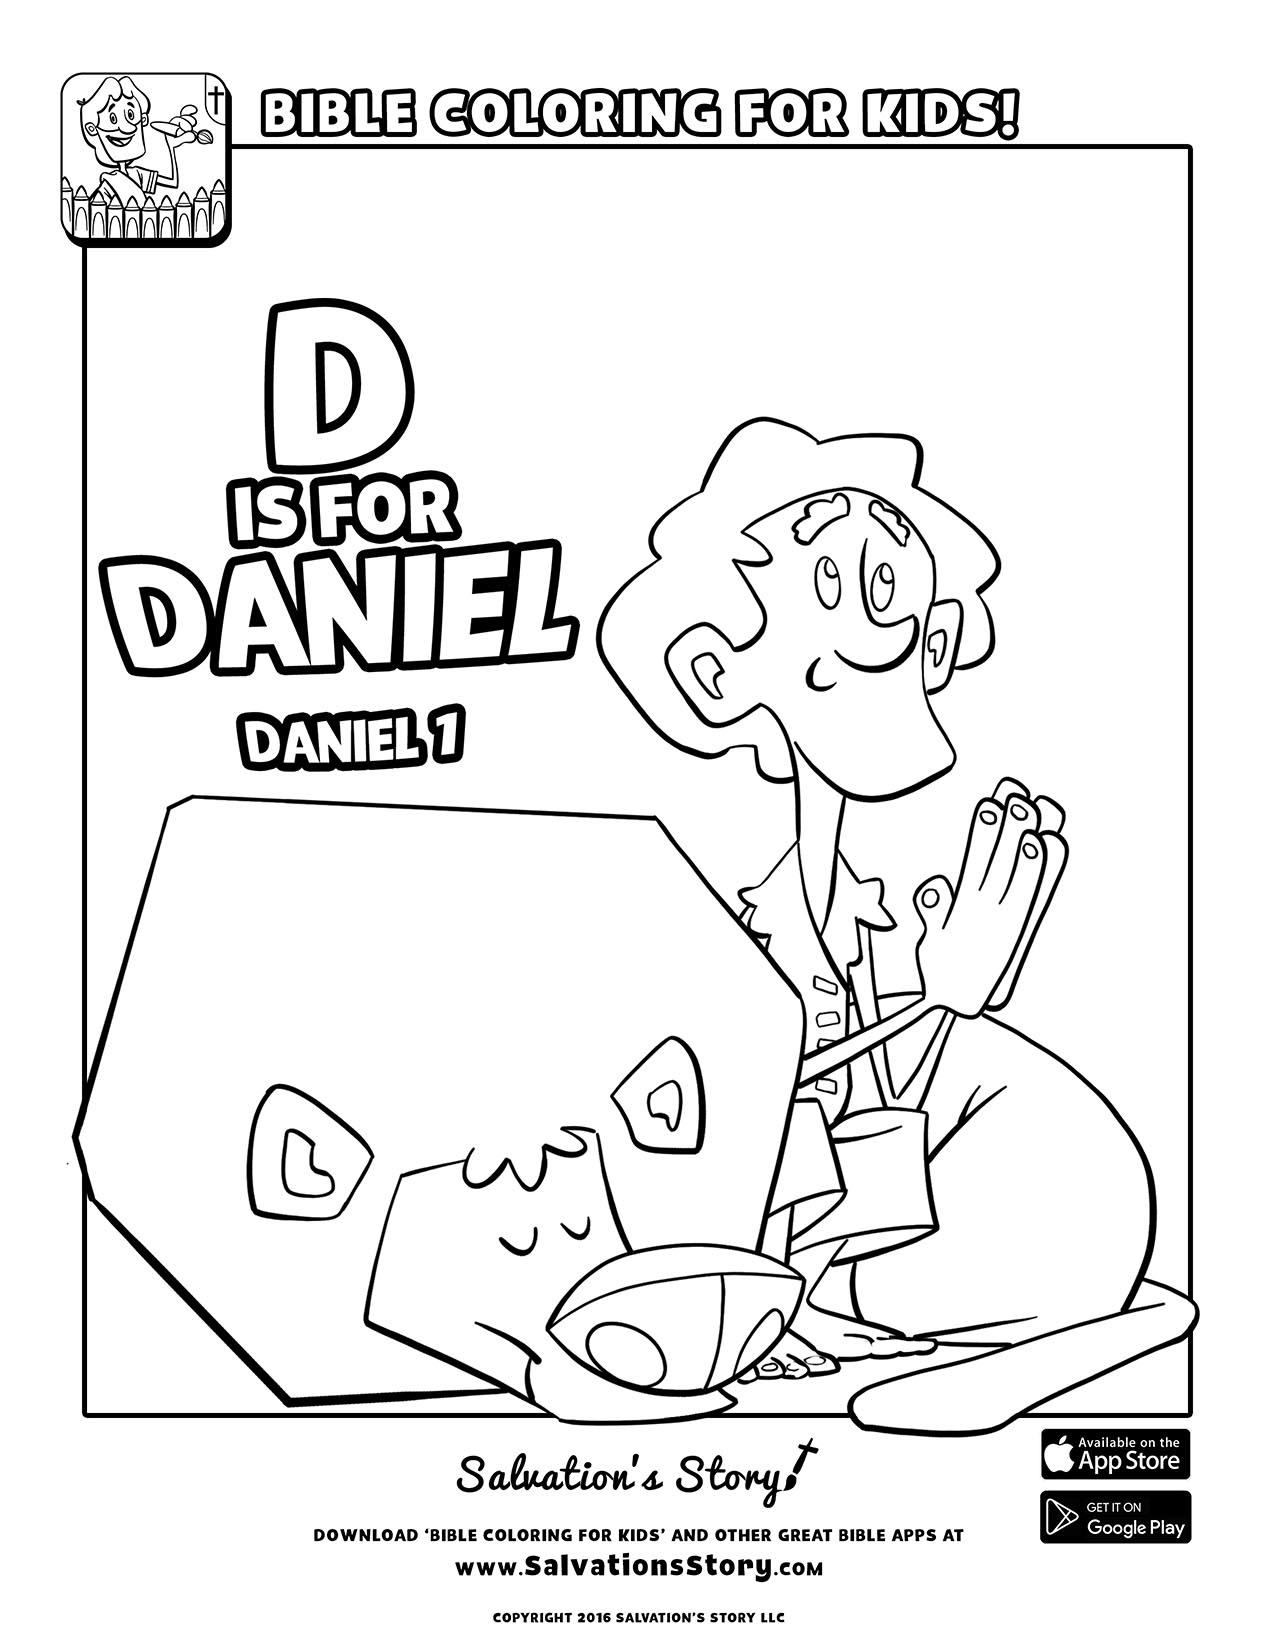 D is for Daniel.jpg